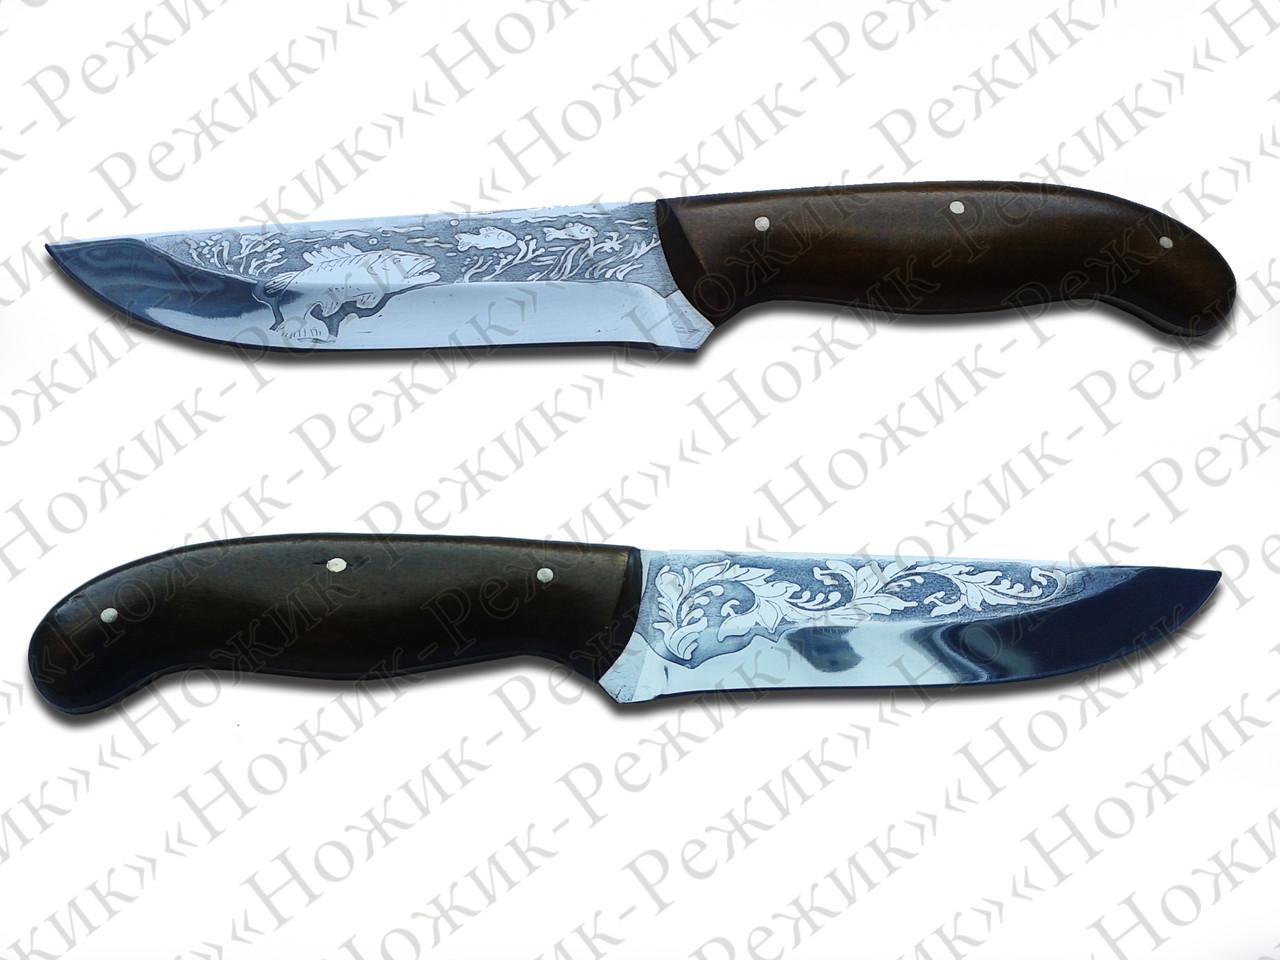 Нож рыбацкий, нож рыбака, нож для рыбалки, рыболовный нож